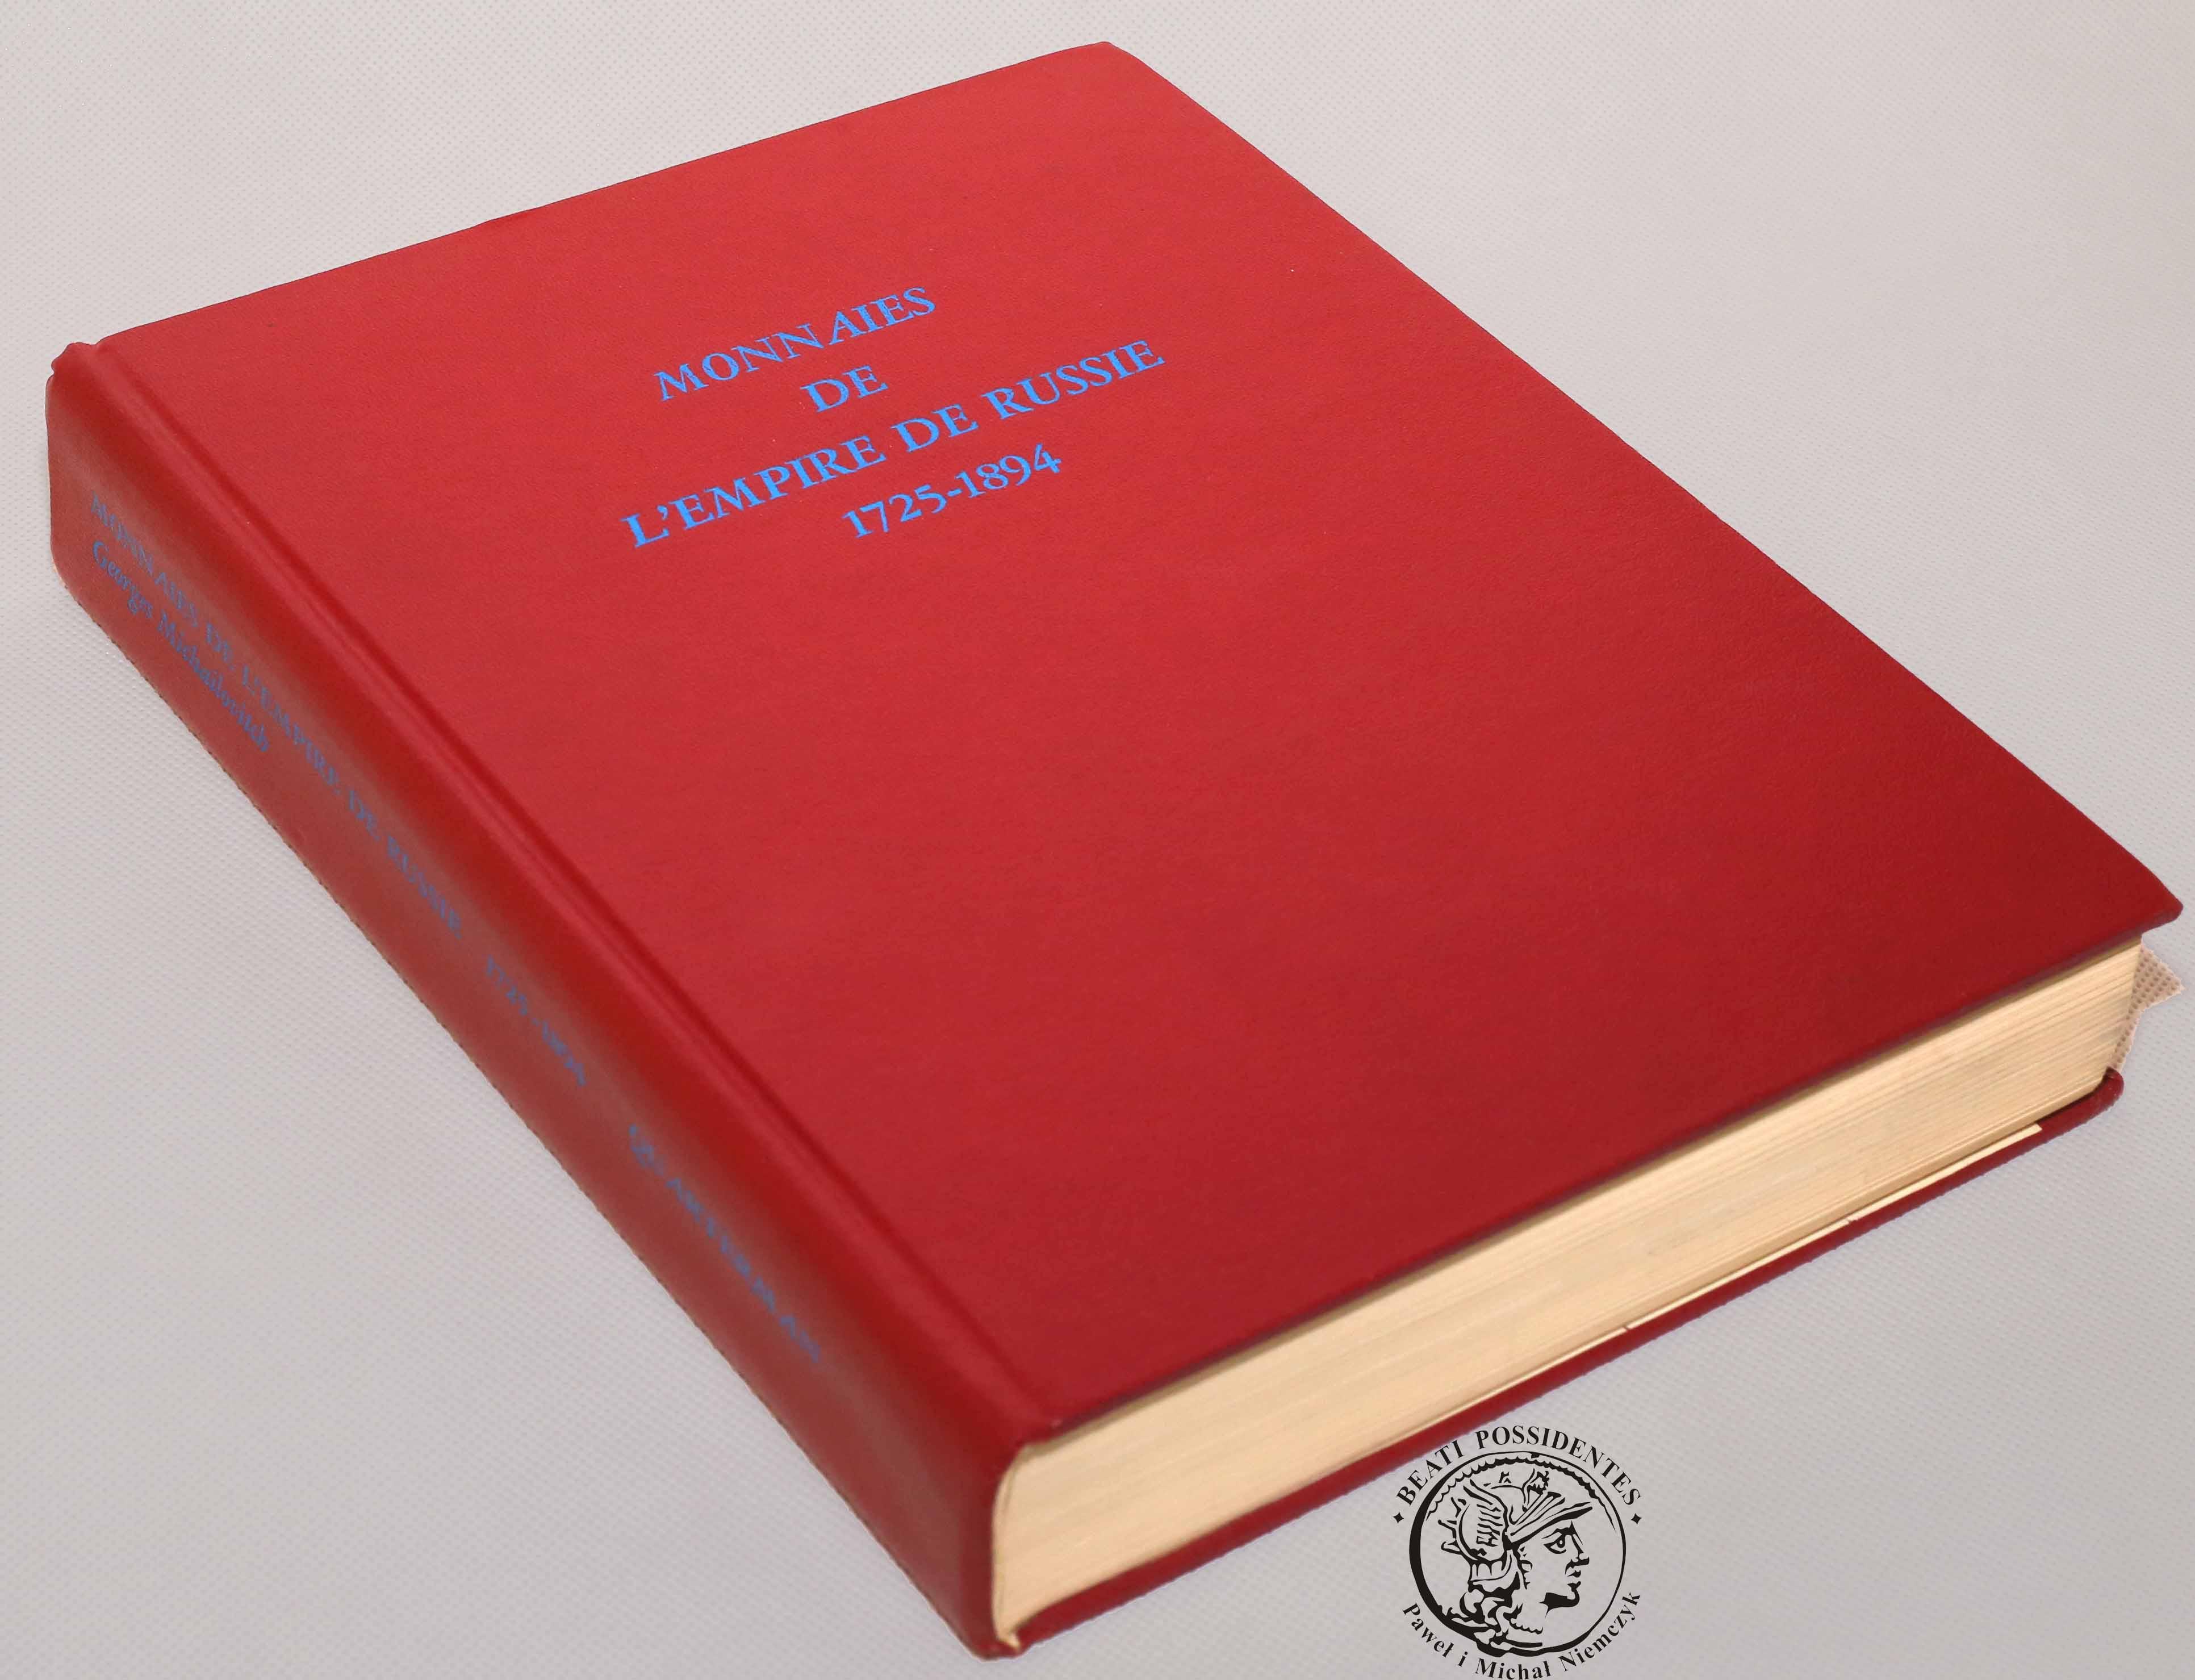 Kolekcja księcia Jerzego Michajłowicza 1725-1894 - wyd. 1973 roku